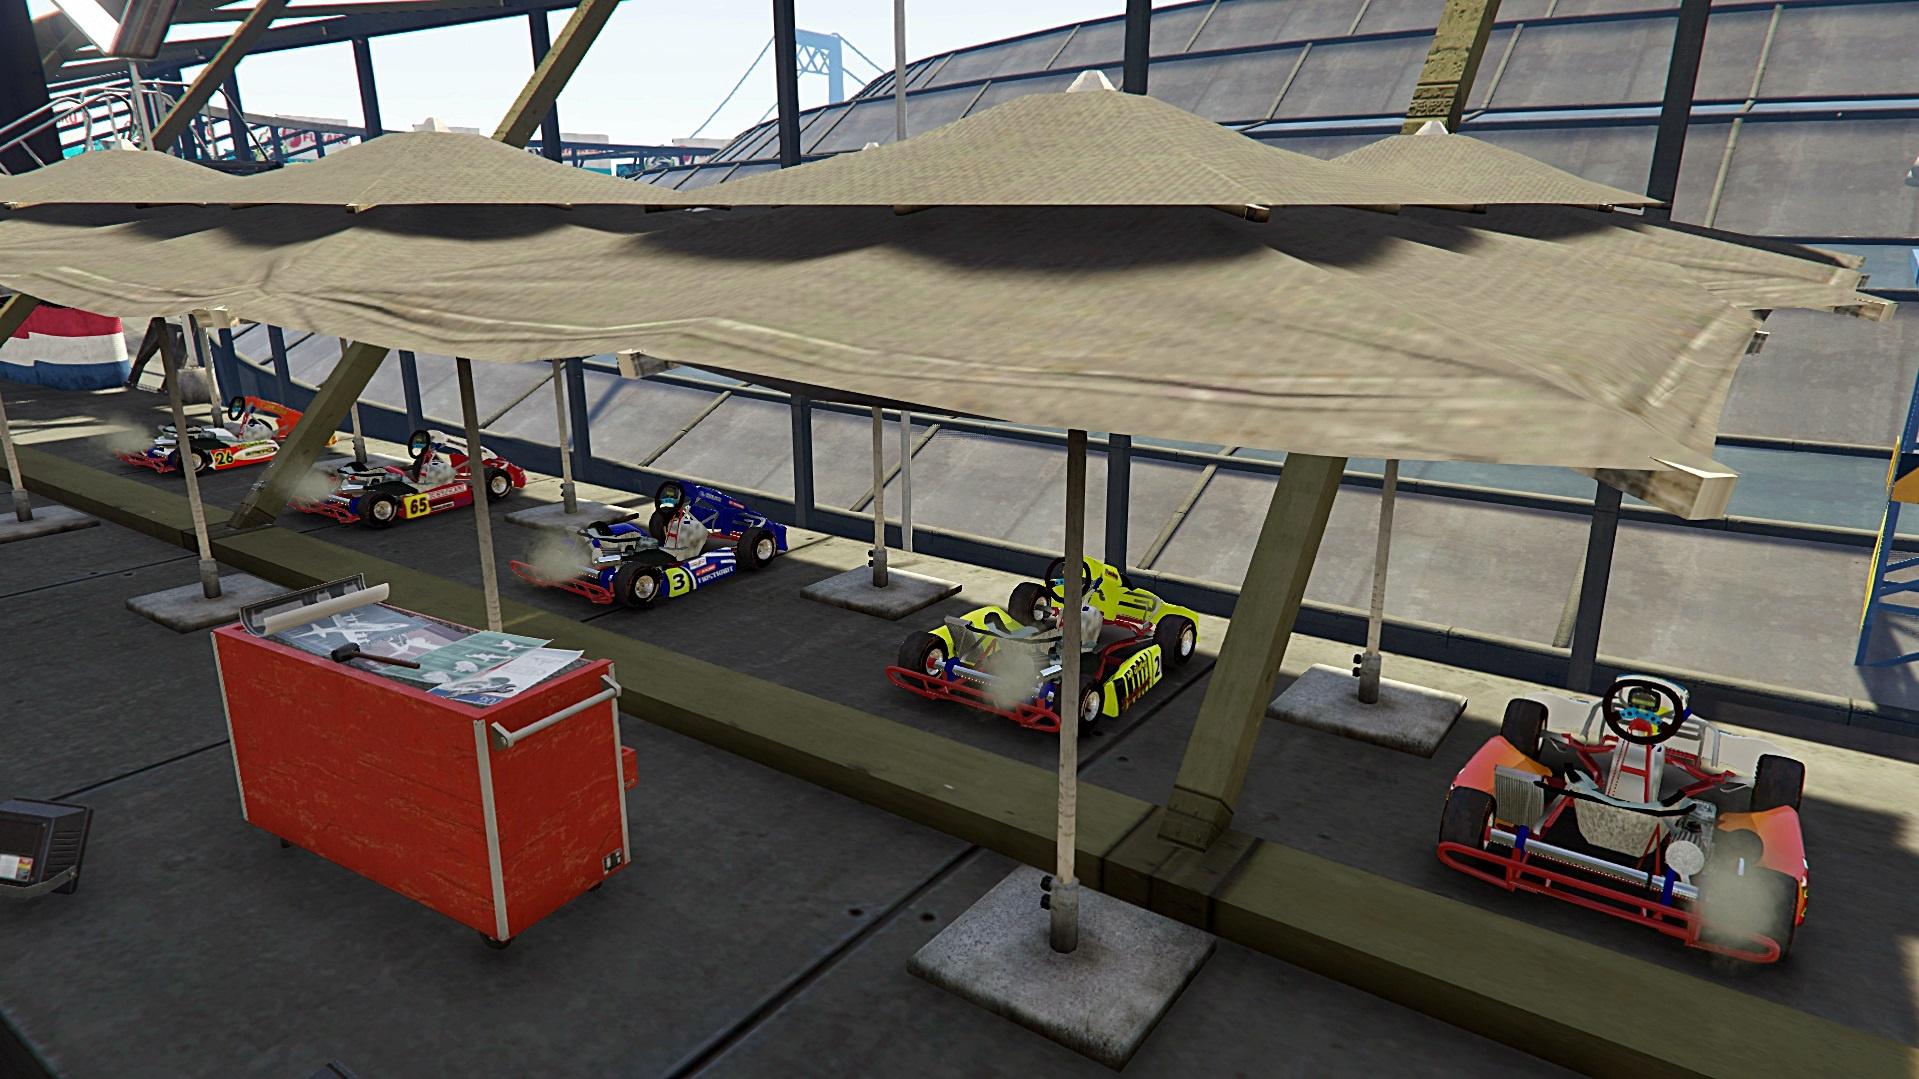 Karting Honda CR 125 [Addon/Replace] - GTA5-Mods com